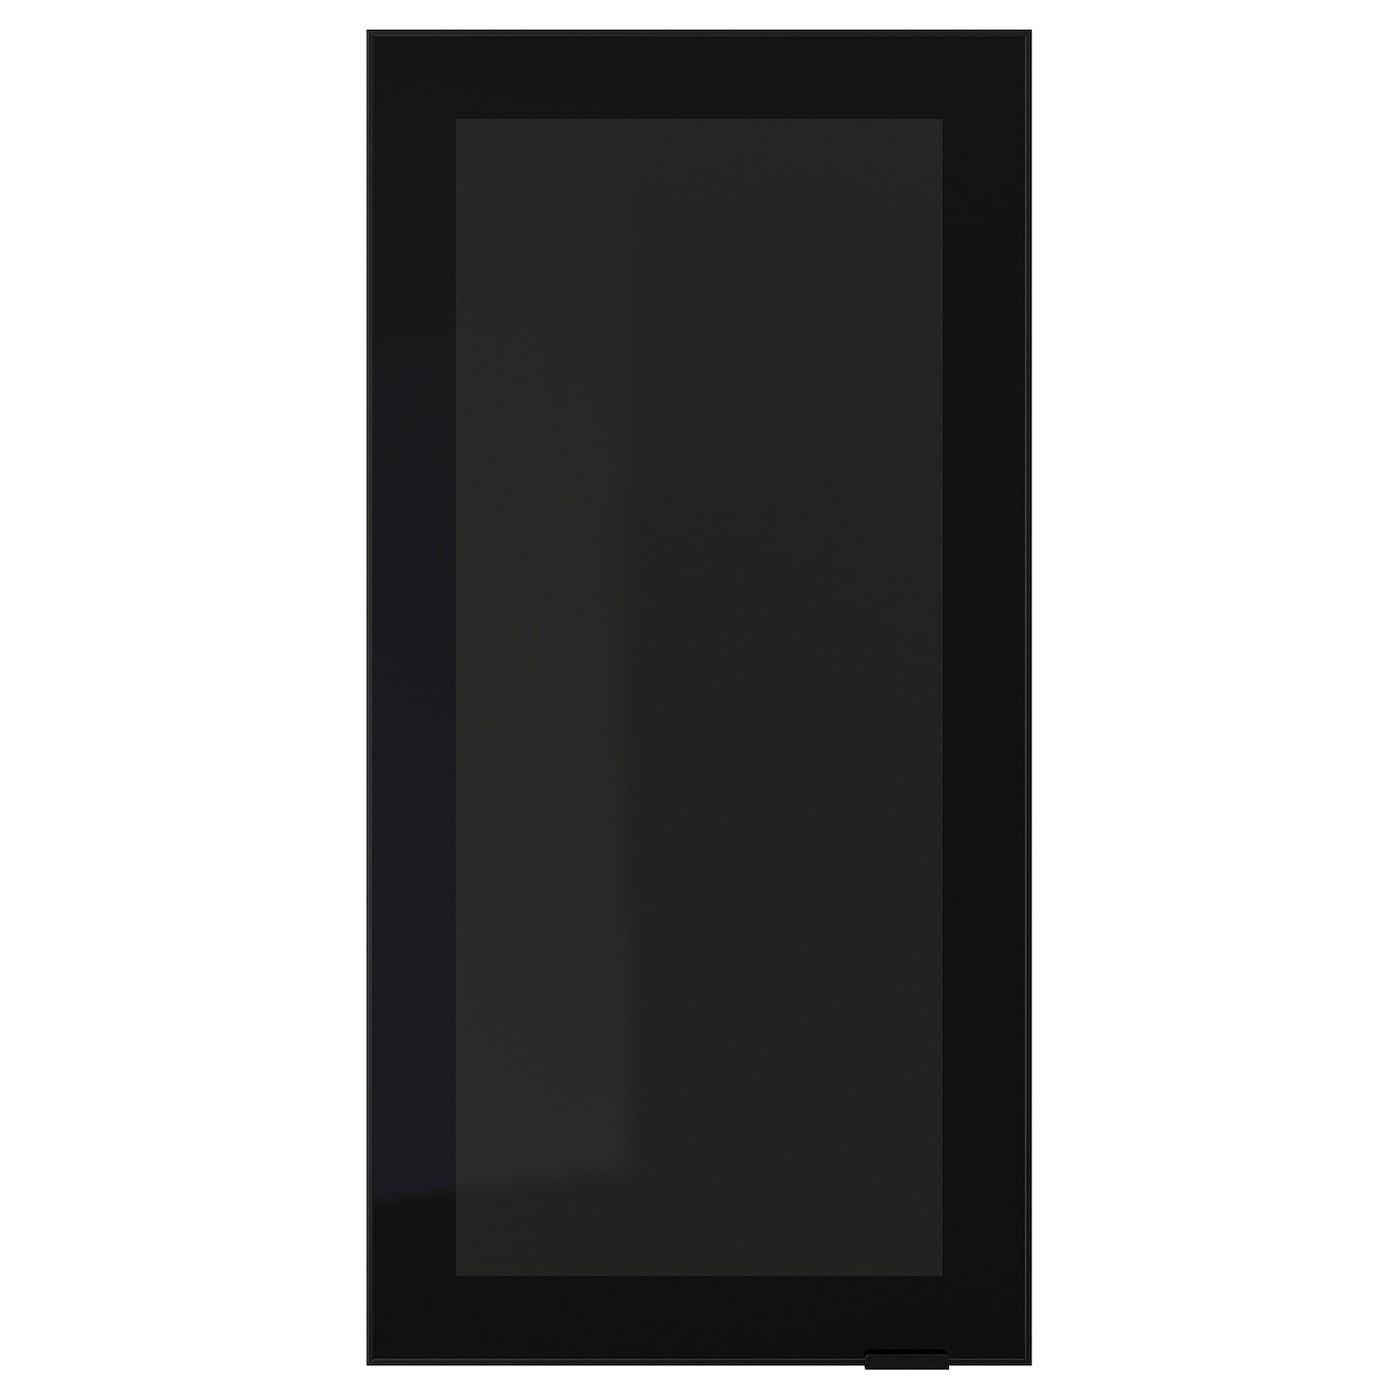 IKEA JUTIS стеклянная дверь дымчатое стекло/черный 40x80 см 602.058.95